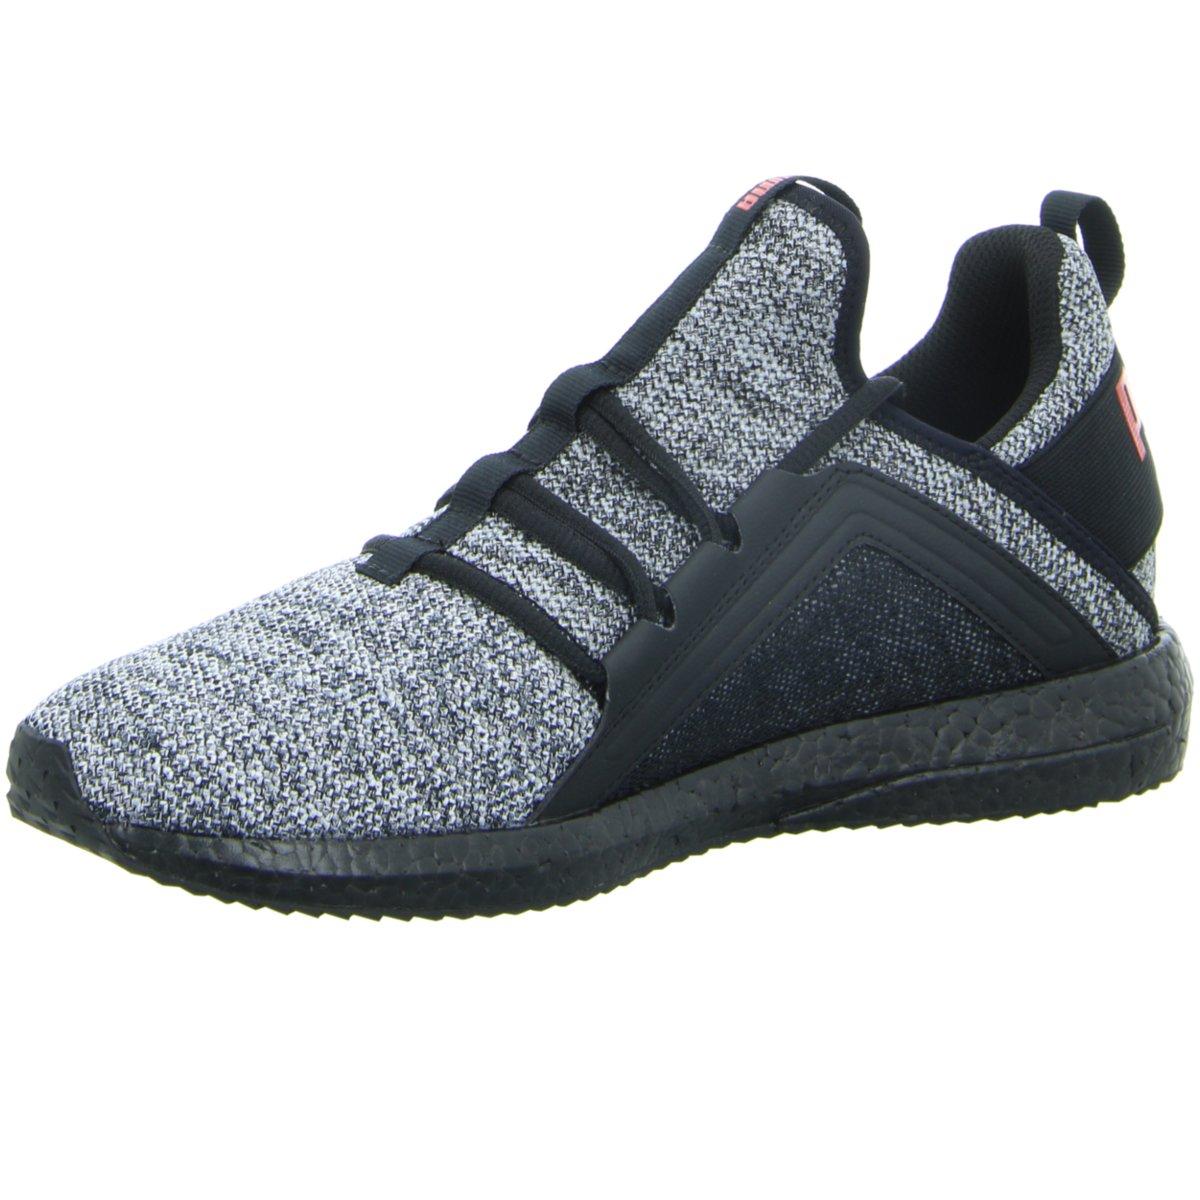 NEU Puma Herren Sneaker 190371/005 schwarz 308029